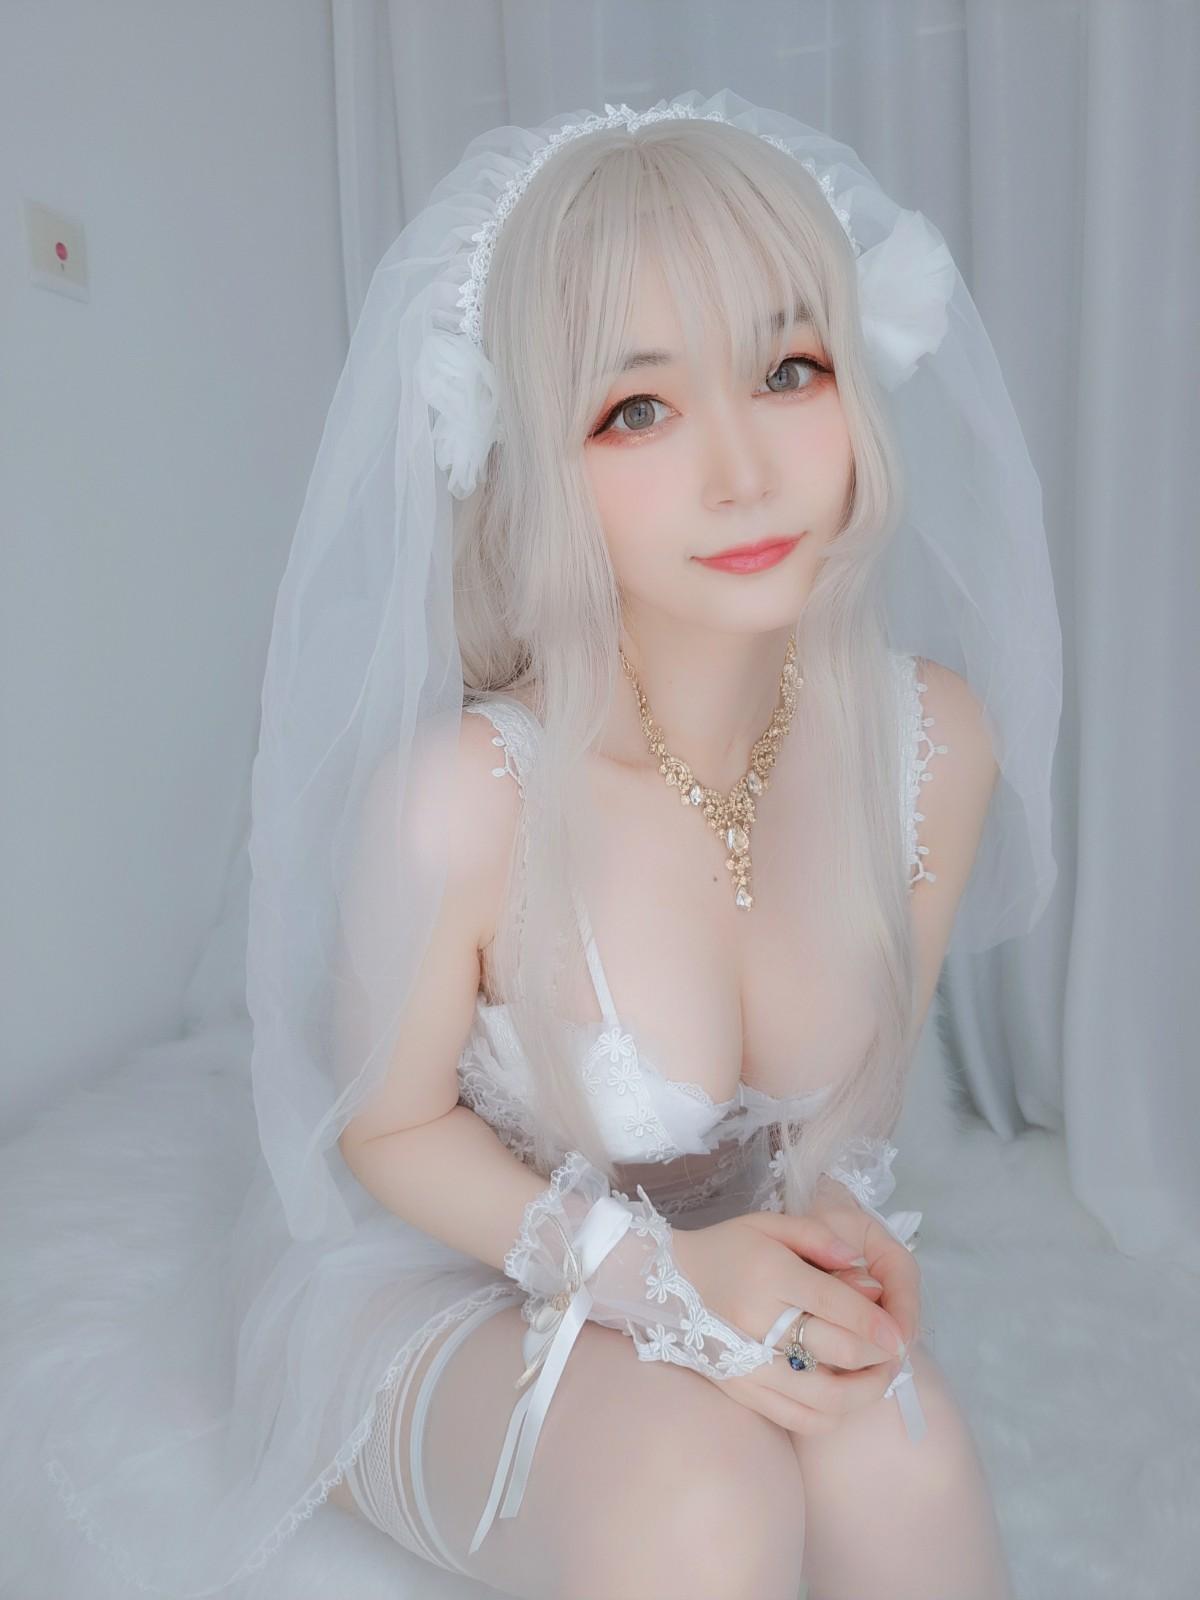 Coser小姐姐白银 – 纯白花嫁 第4张